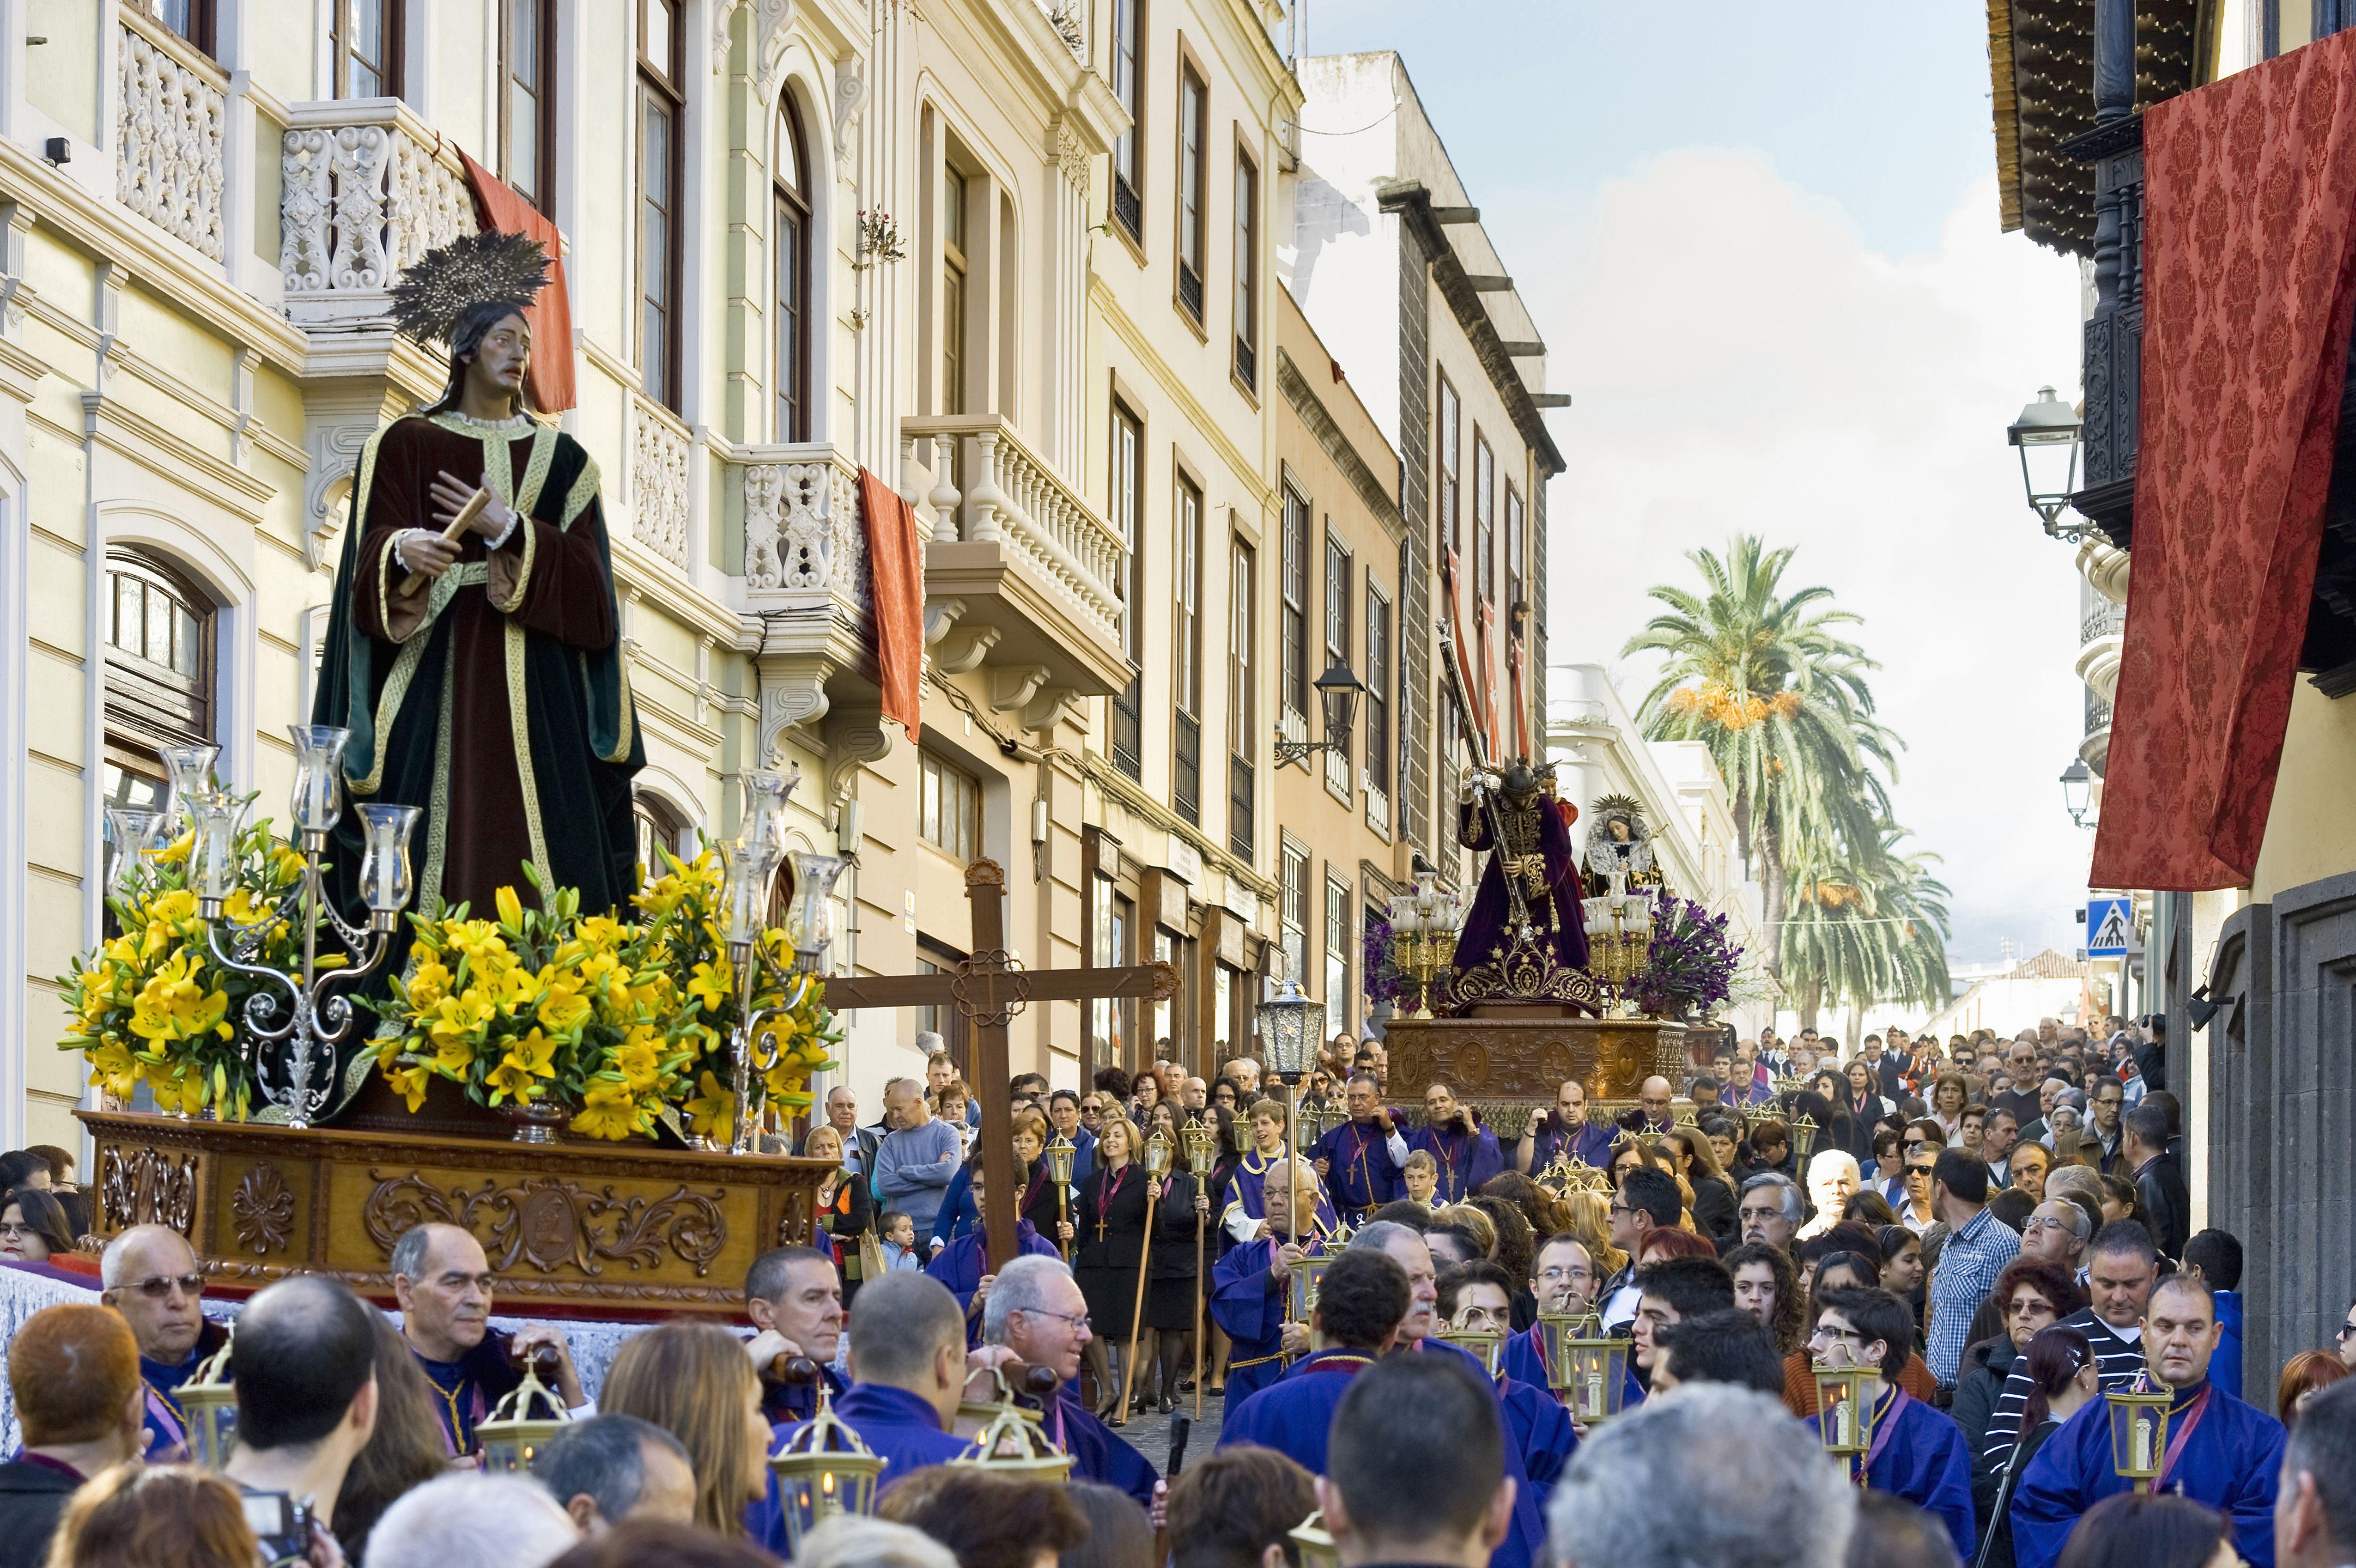 Semana Santa Dates In Spain